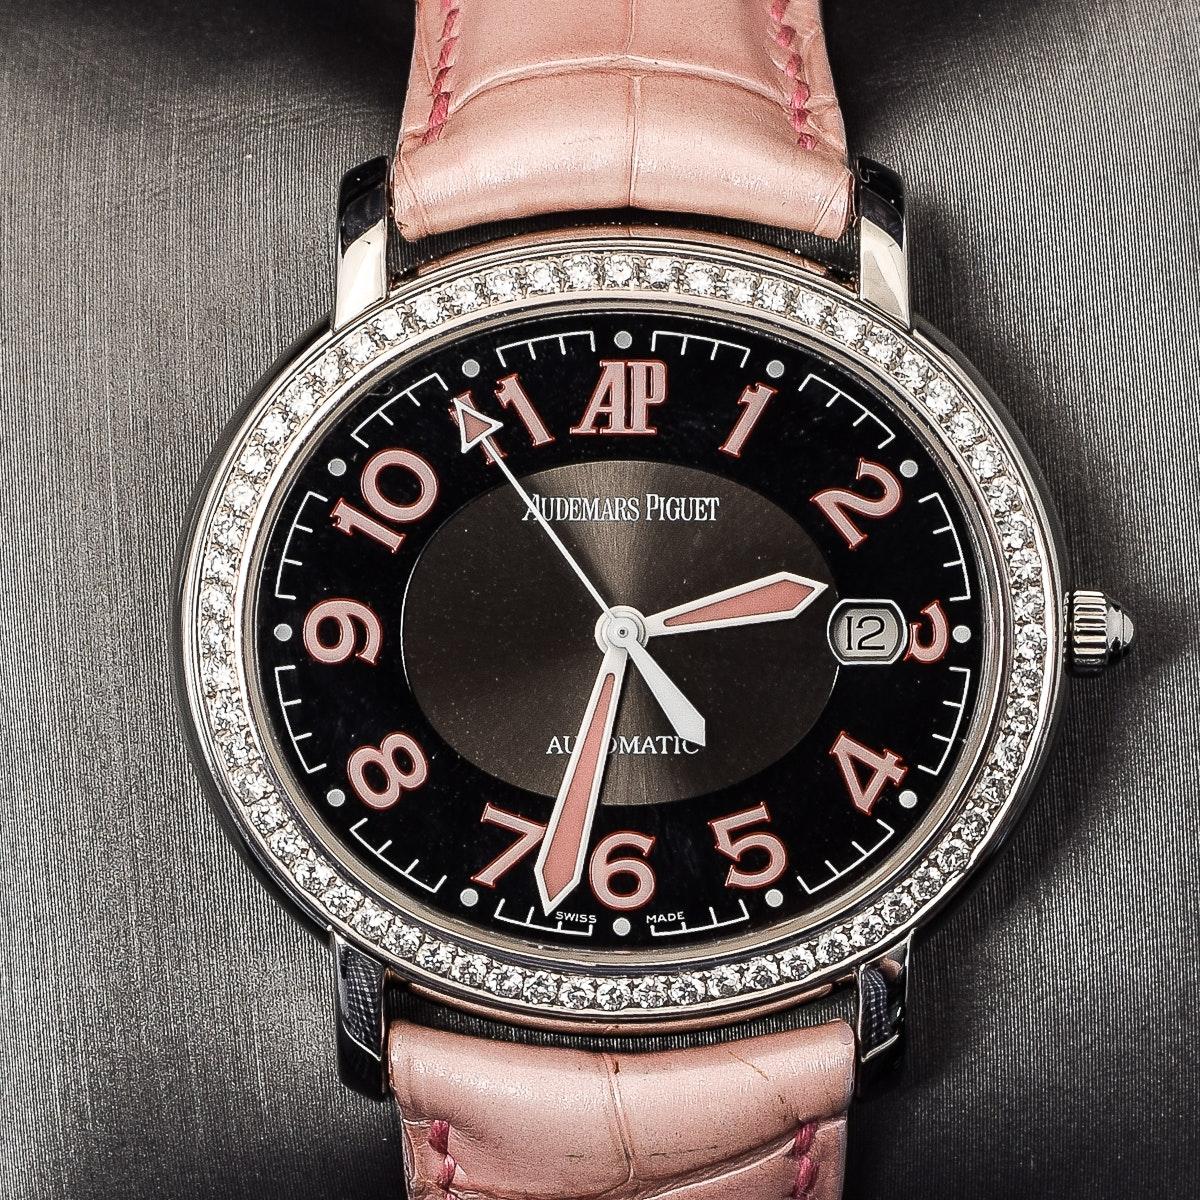 Women's Audemars Piguet Millenary Diamond Pink Wristwatch